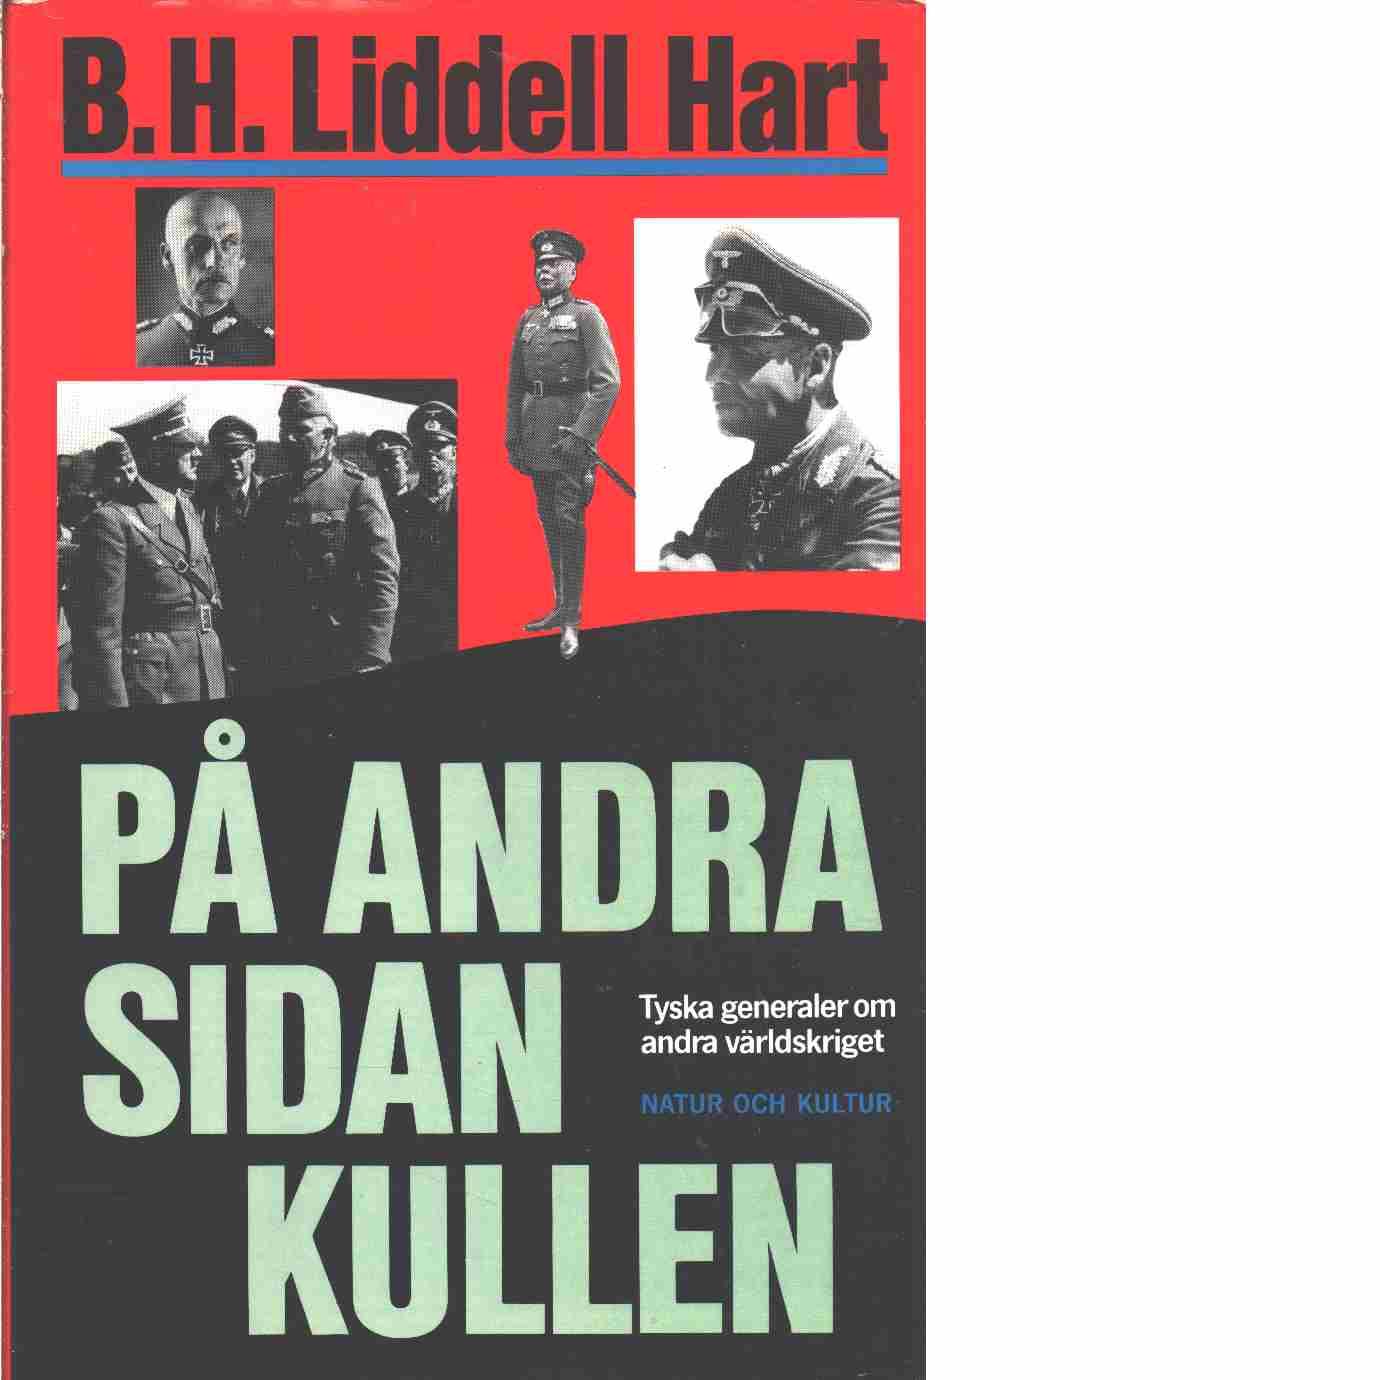 På andra sidan kullen : tyska generaler om andra världskriget  - Liddell Hart, Basil Henry